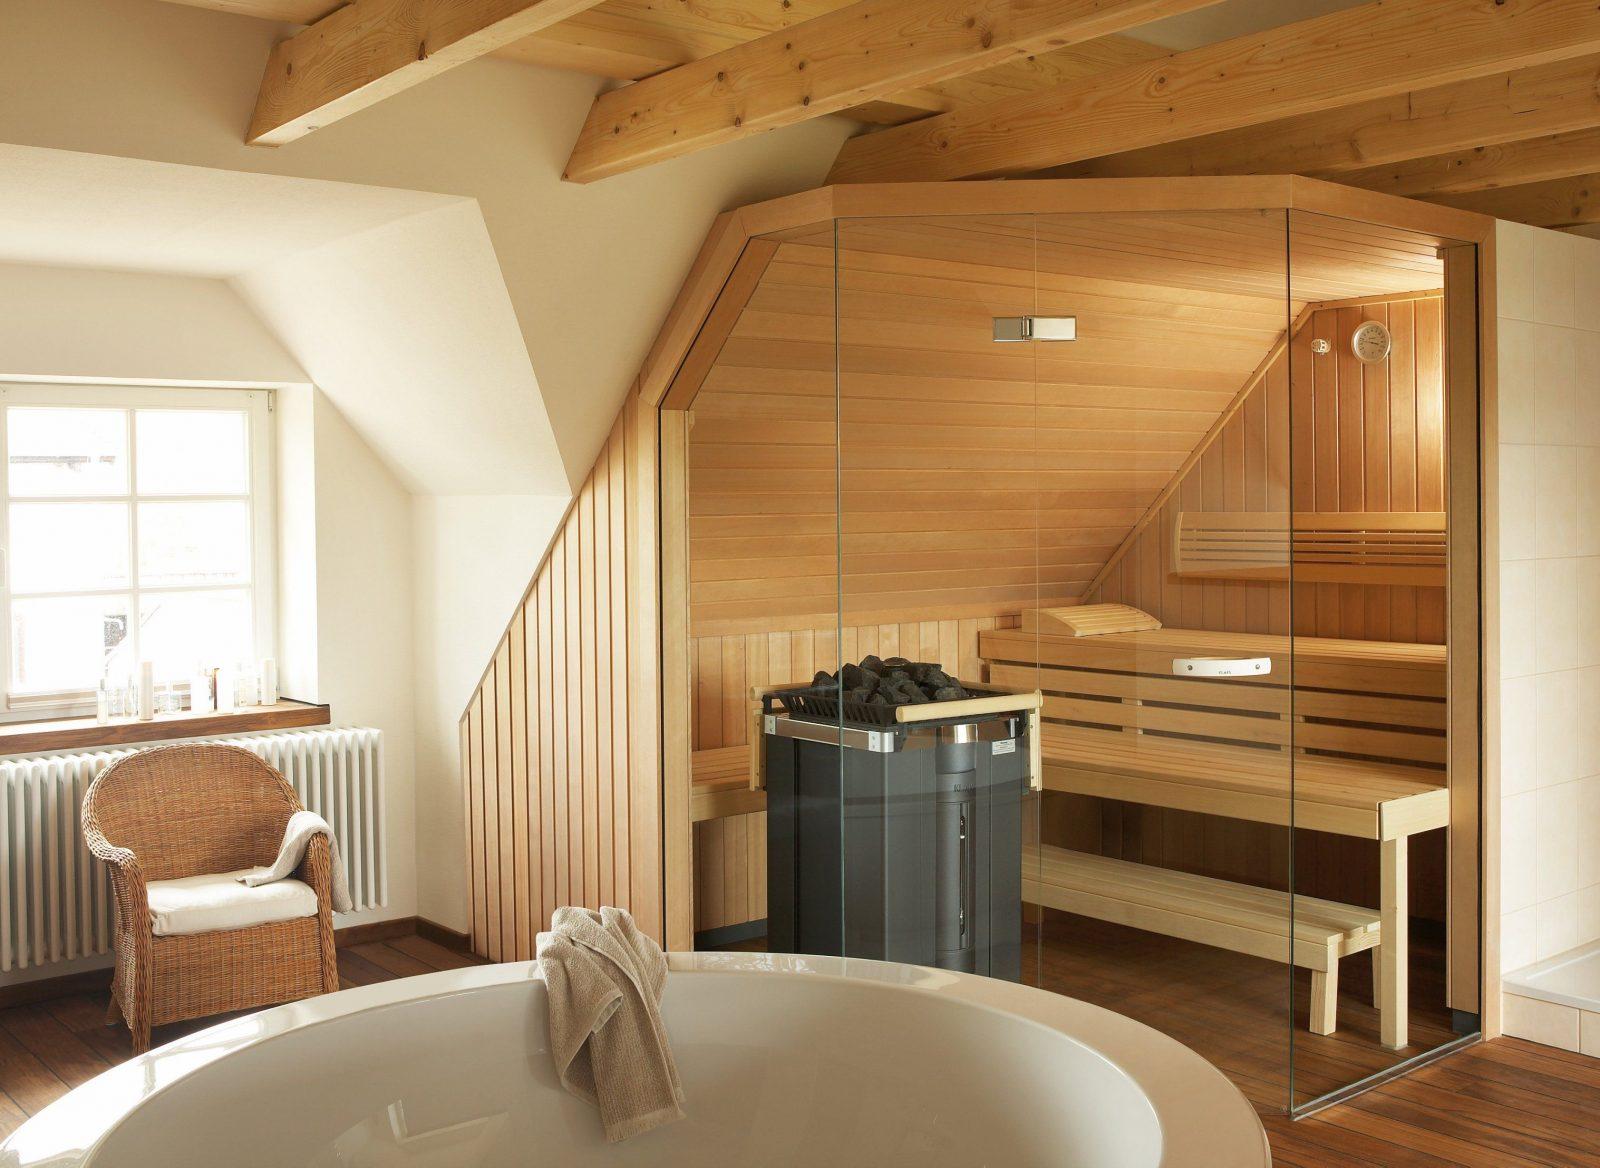 Erstaunlich Kleine Sauna Für Zuhause Sauna Im Keller Einbauen von Sauna Im Keller Einbauen Bild